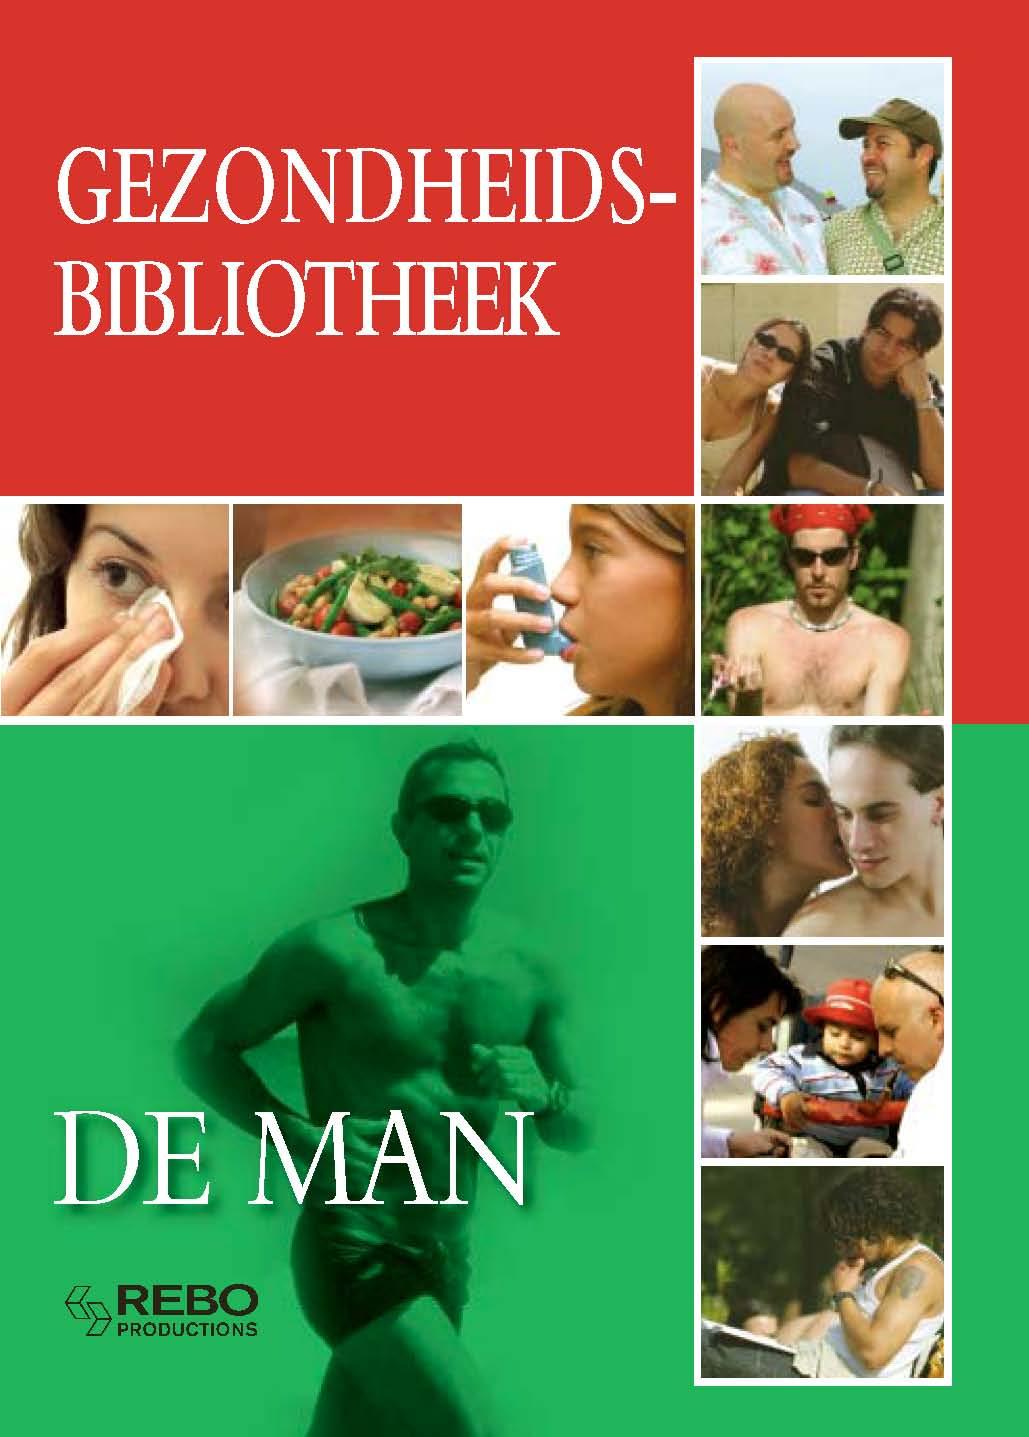 Man - Gezondheidsbibliotheek